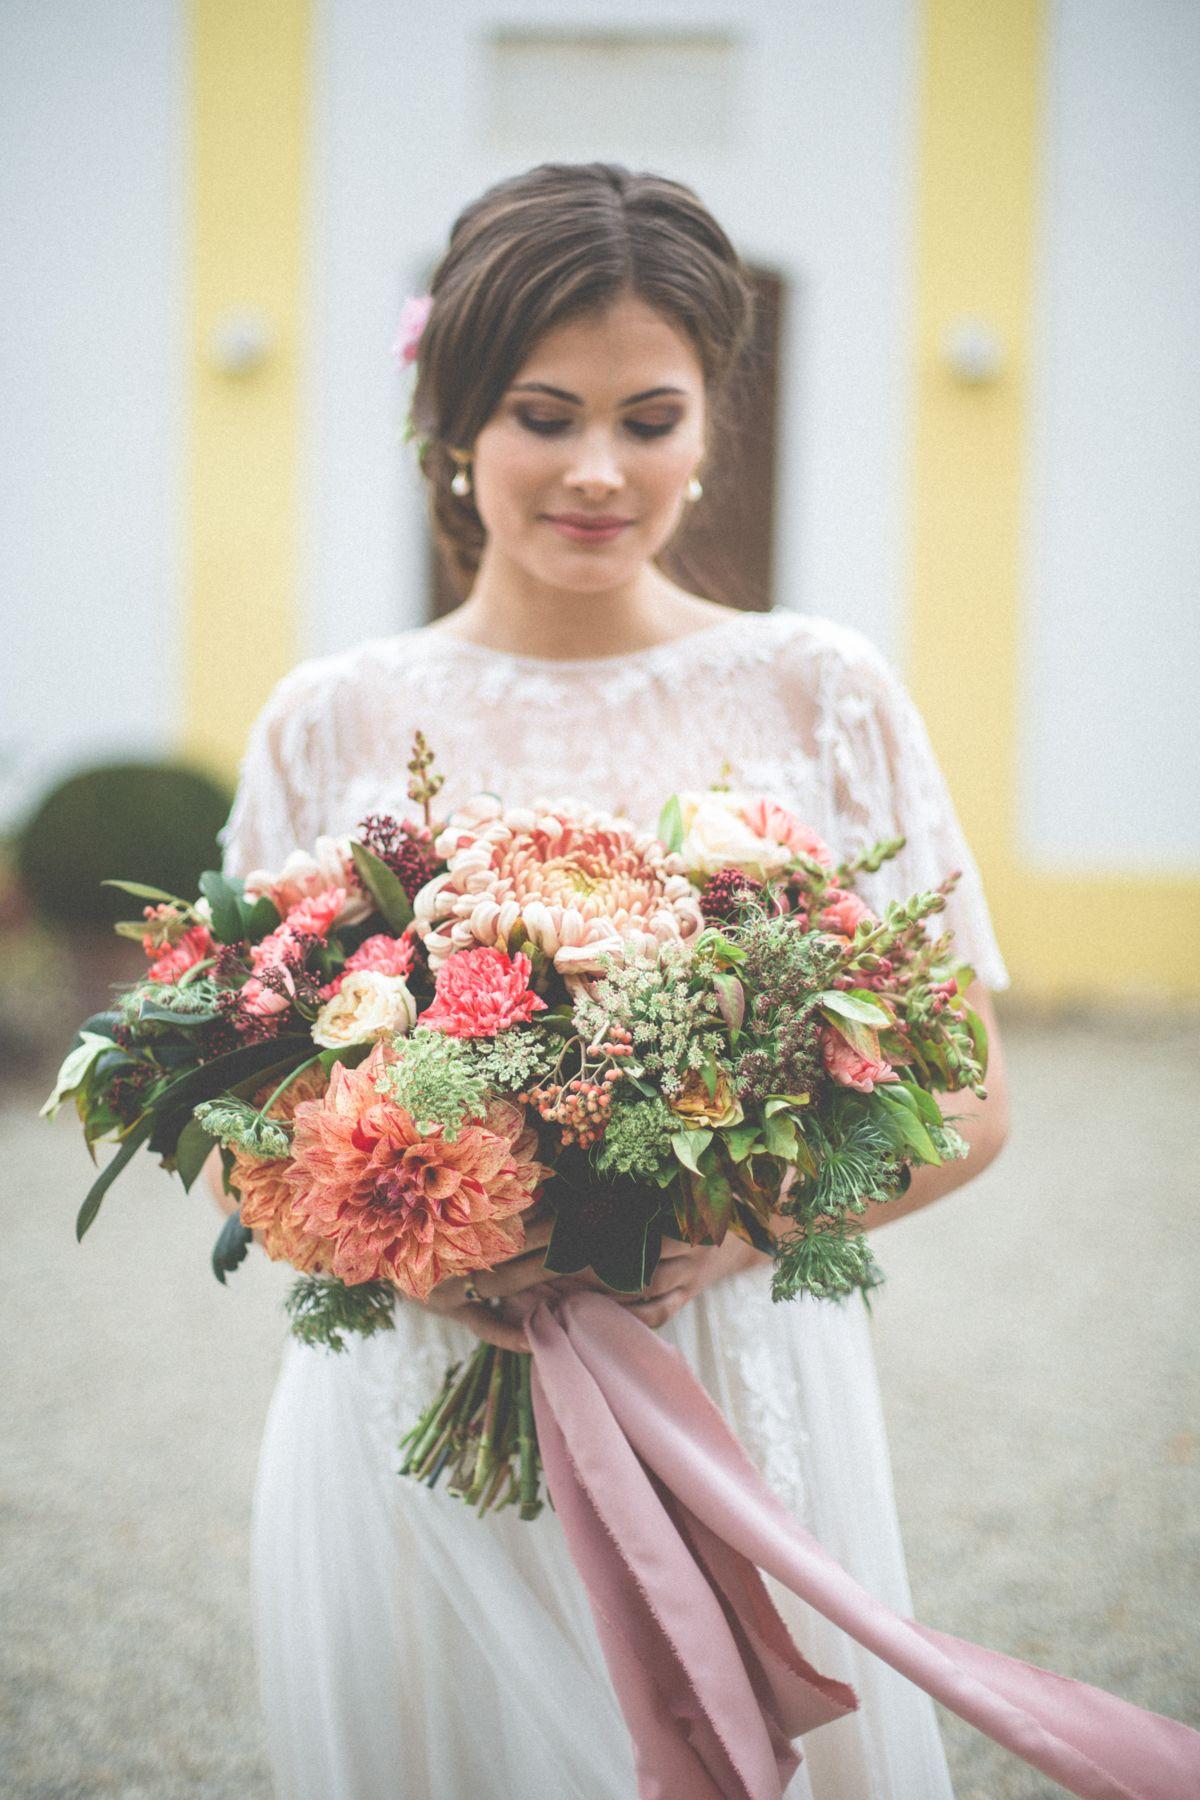 Herbsthochzeit Auf Dem Land Brautstrauss Und Hochzeit Blumendeko